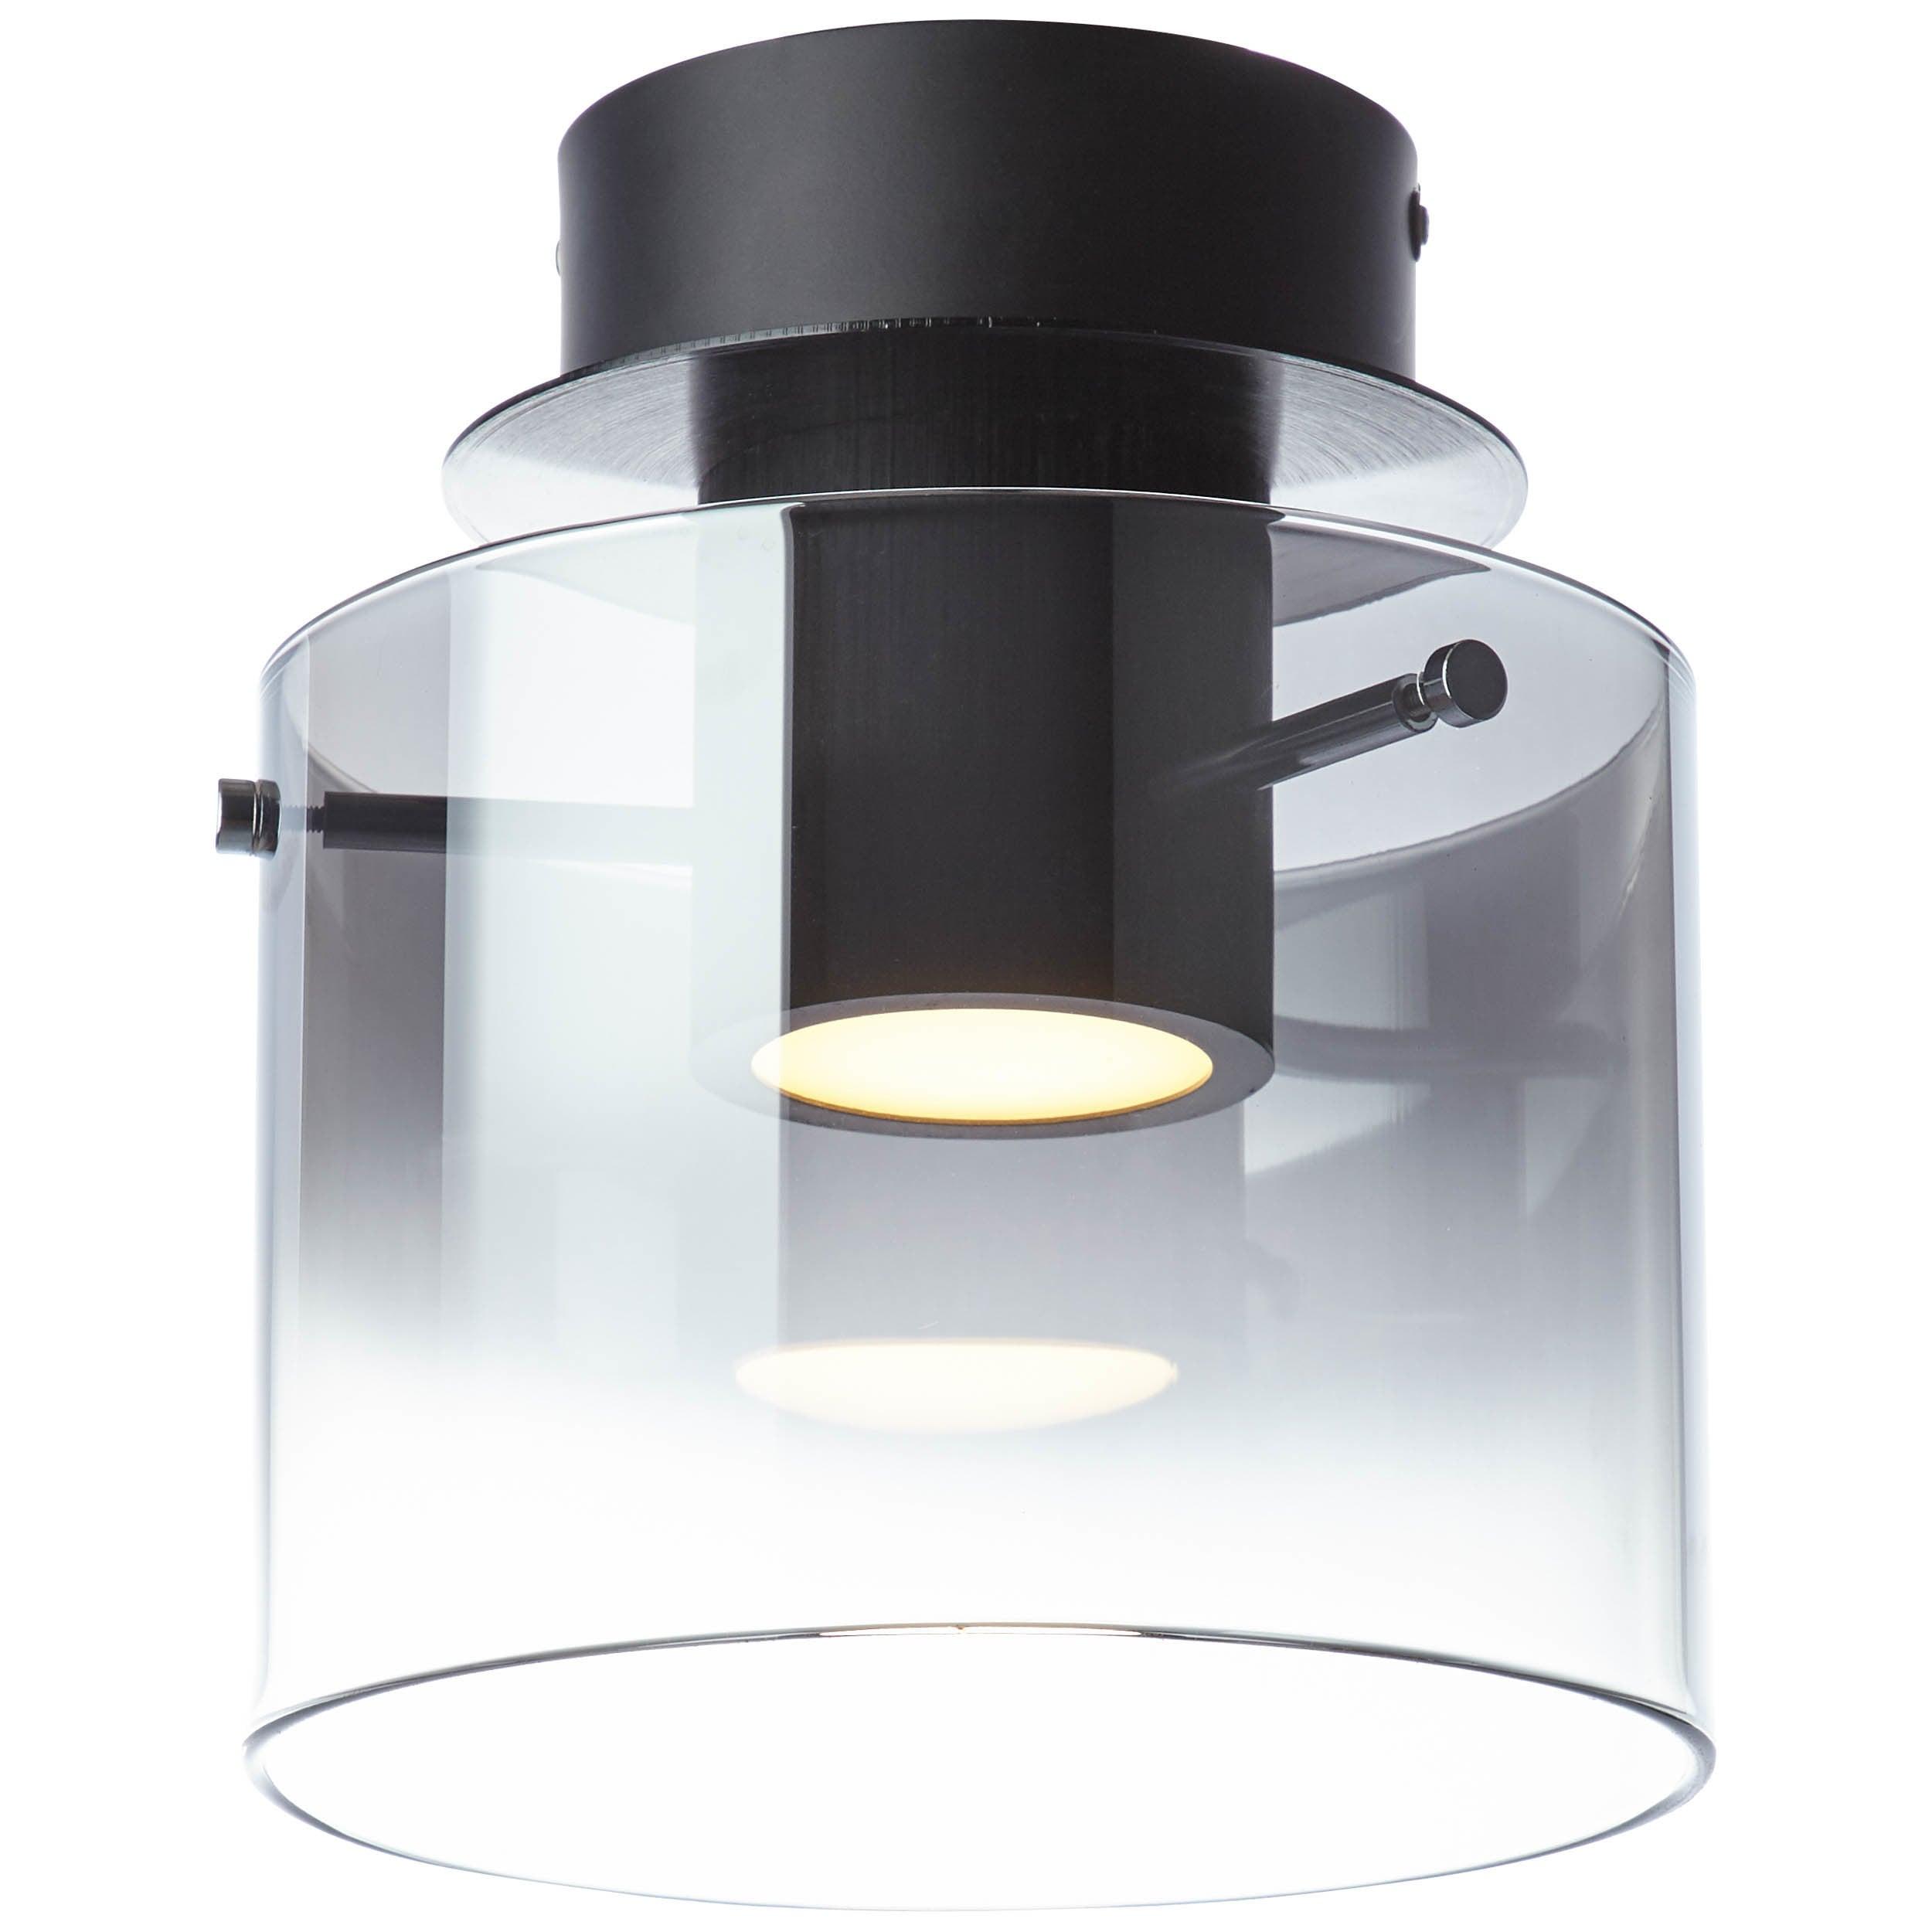 Brilliant Leuchten Beth LED Deckenleuchte 1flg schwarz/rauchglas